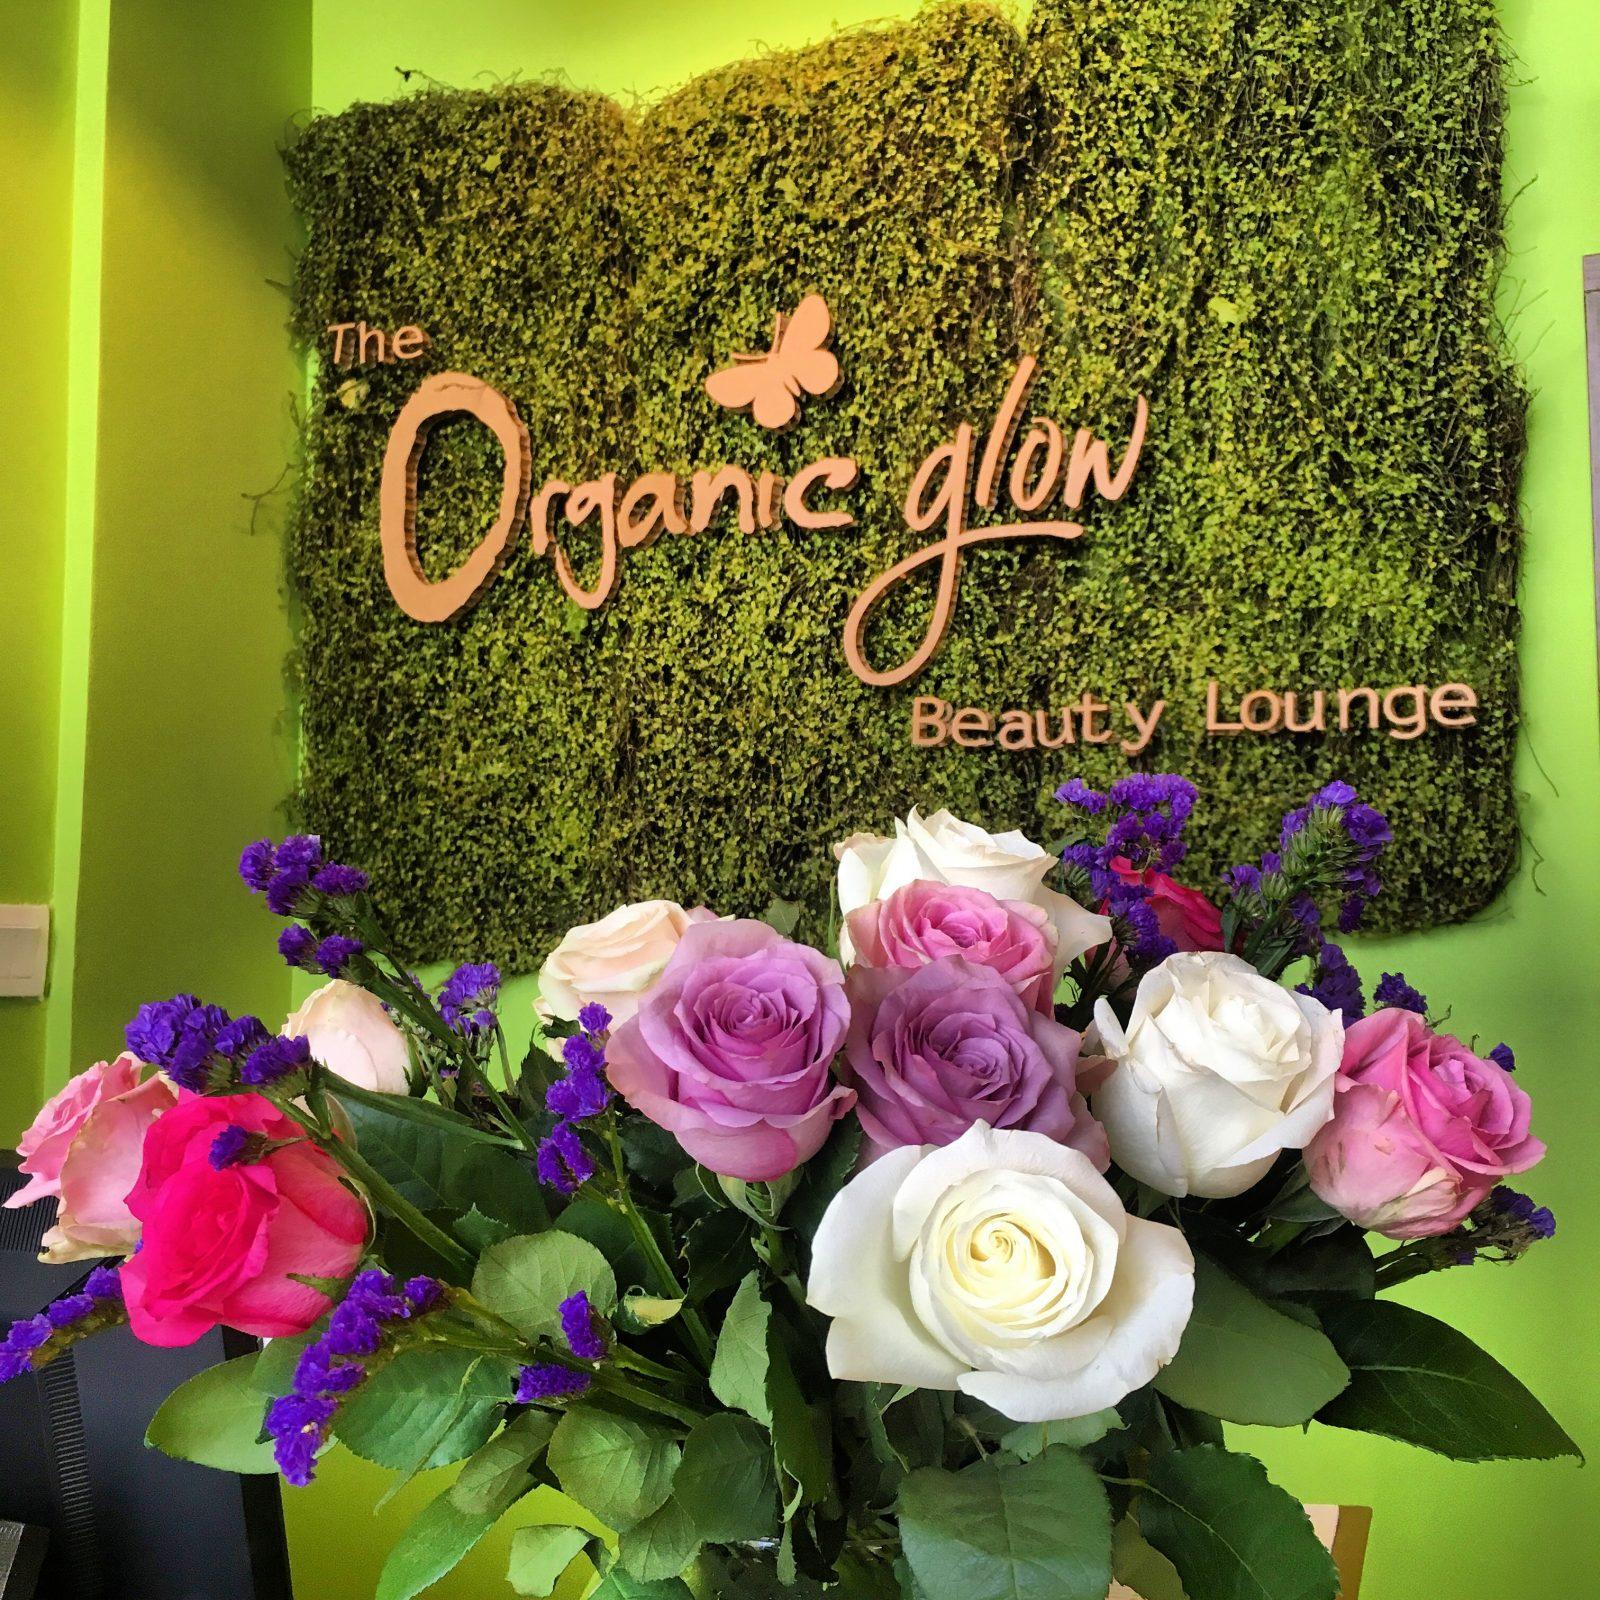 The Organic Glow Beauty Lounge, JVC